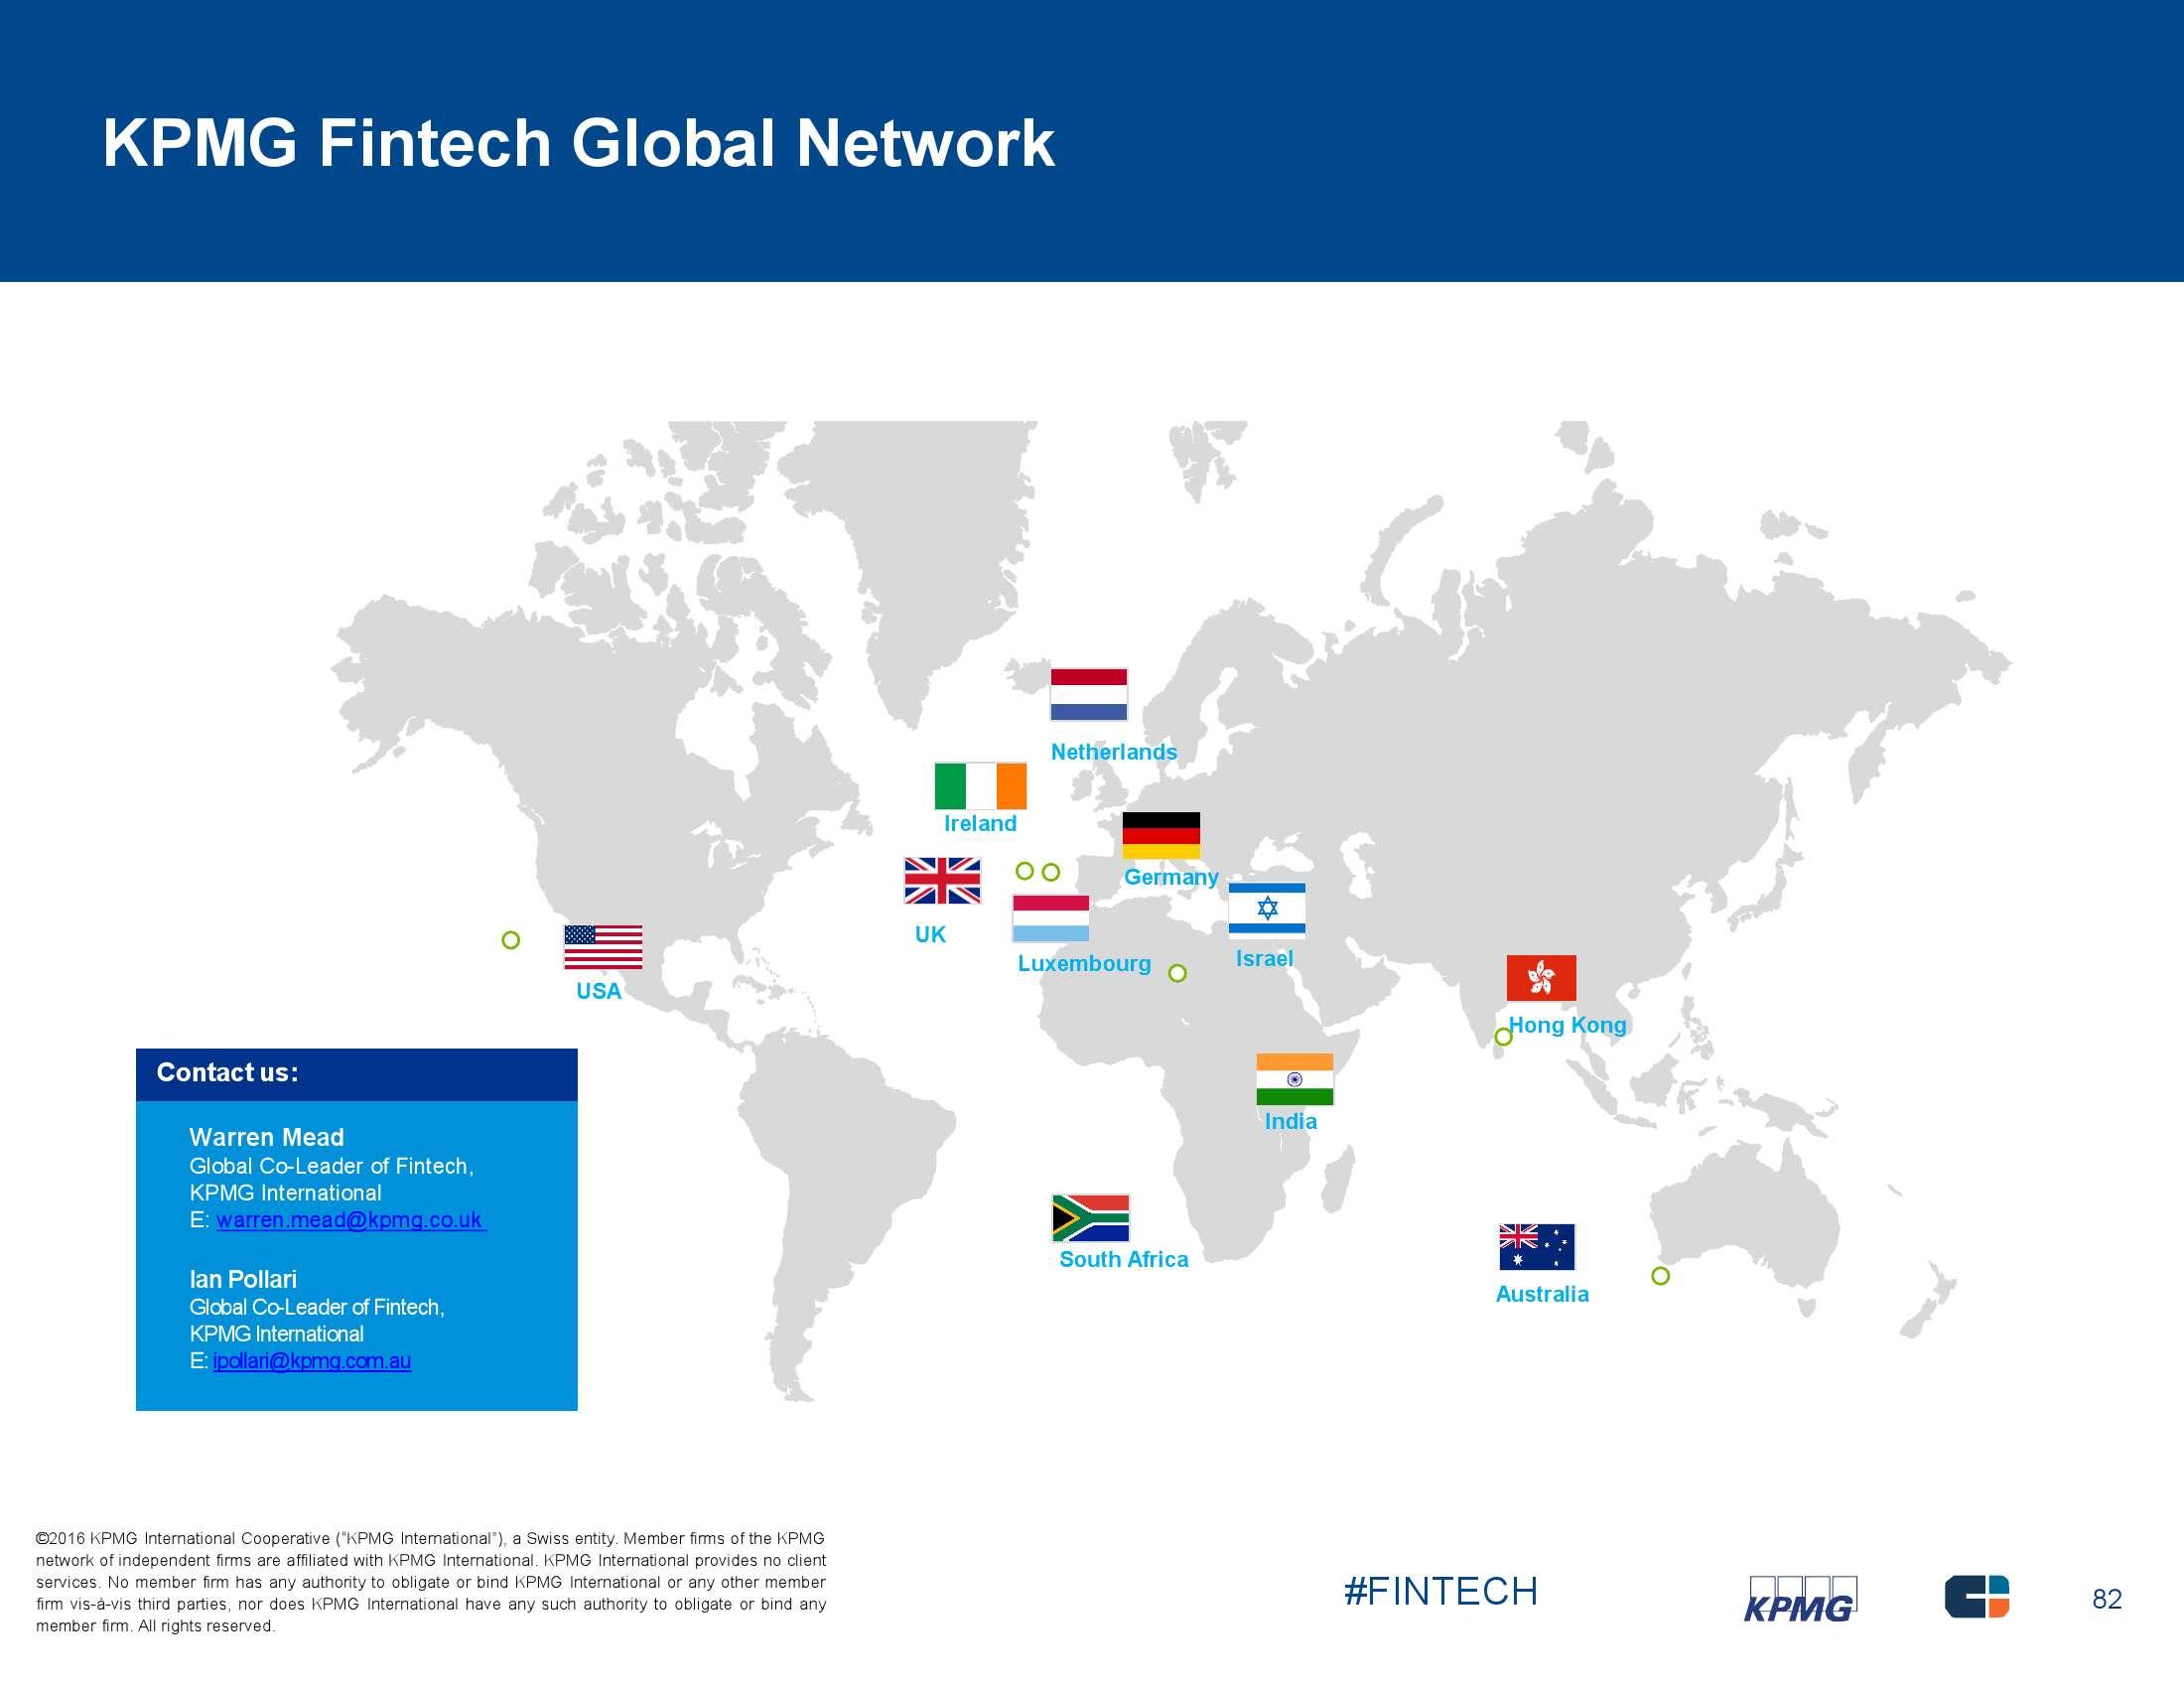 毕马威:2015年全球互联网金融报告_000082